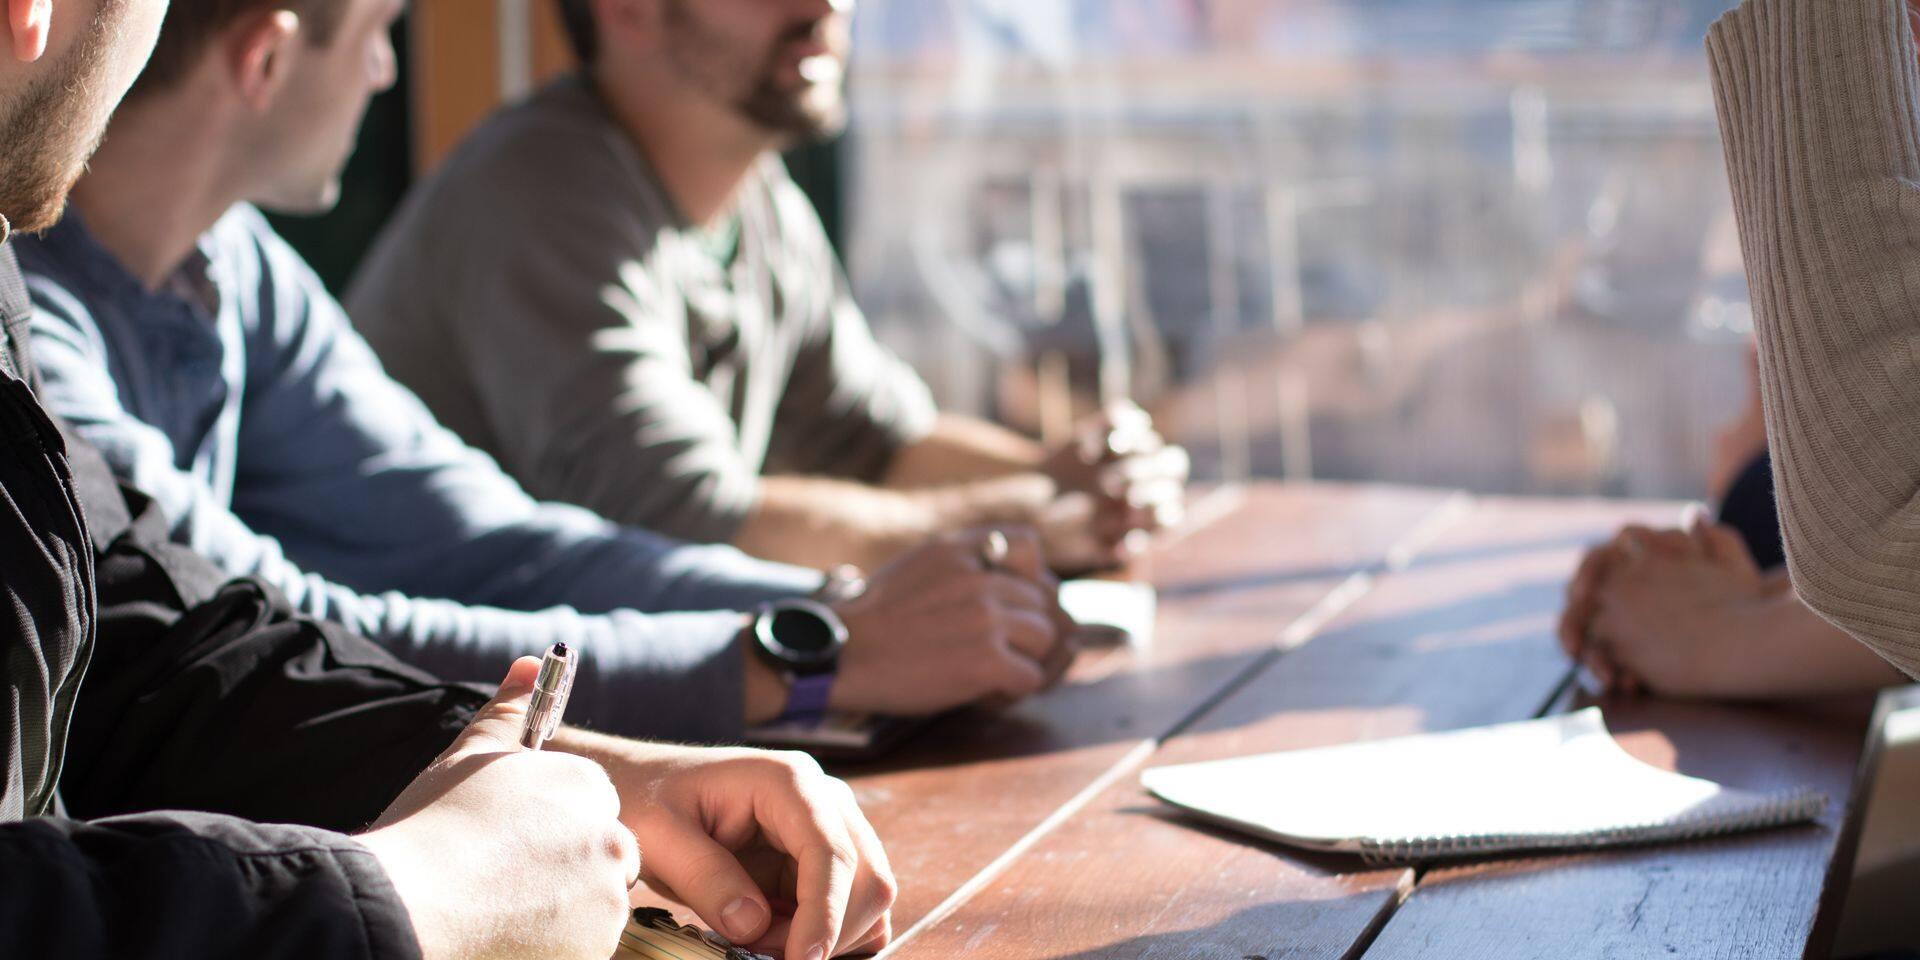 Voici 9 conseils pour réagir aux comportements agressifs au travail